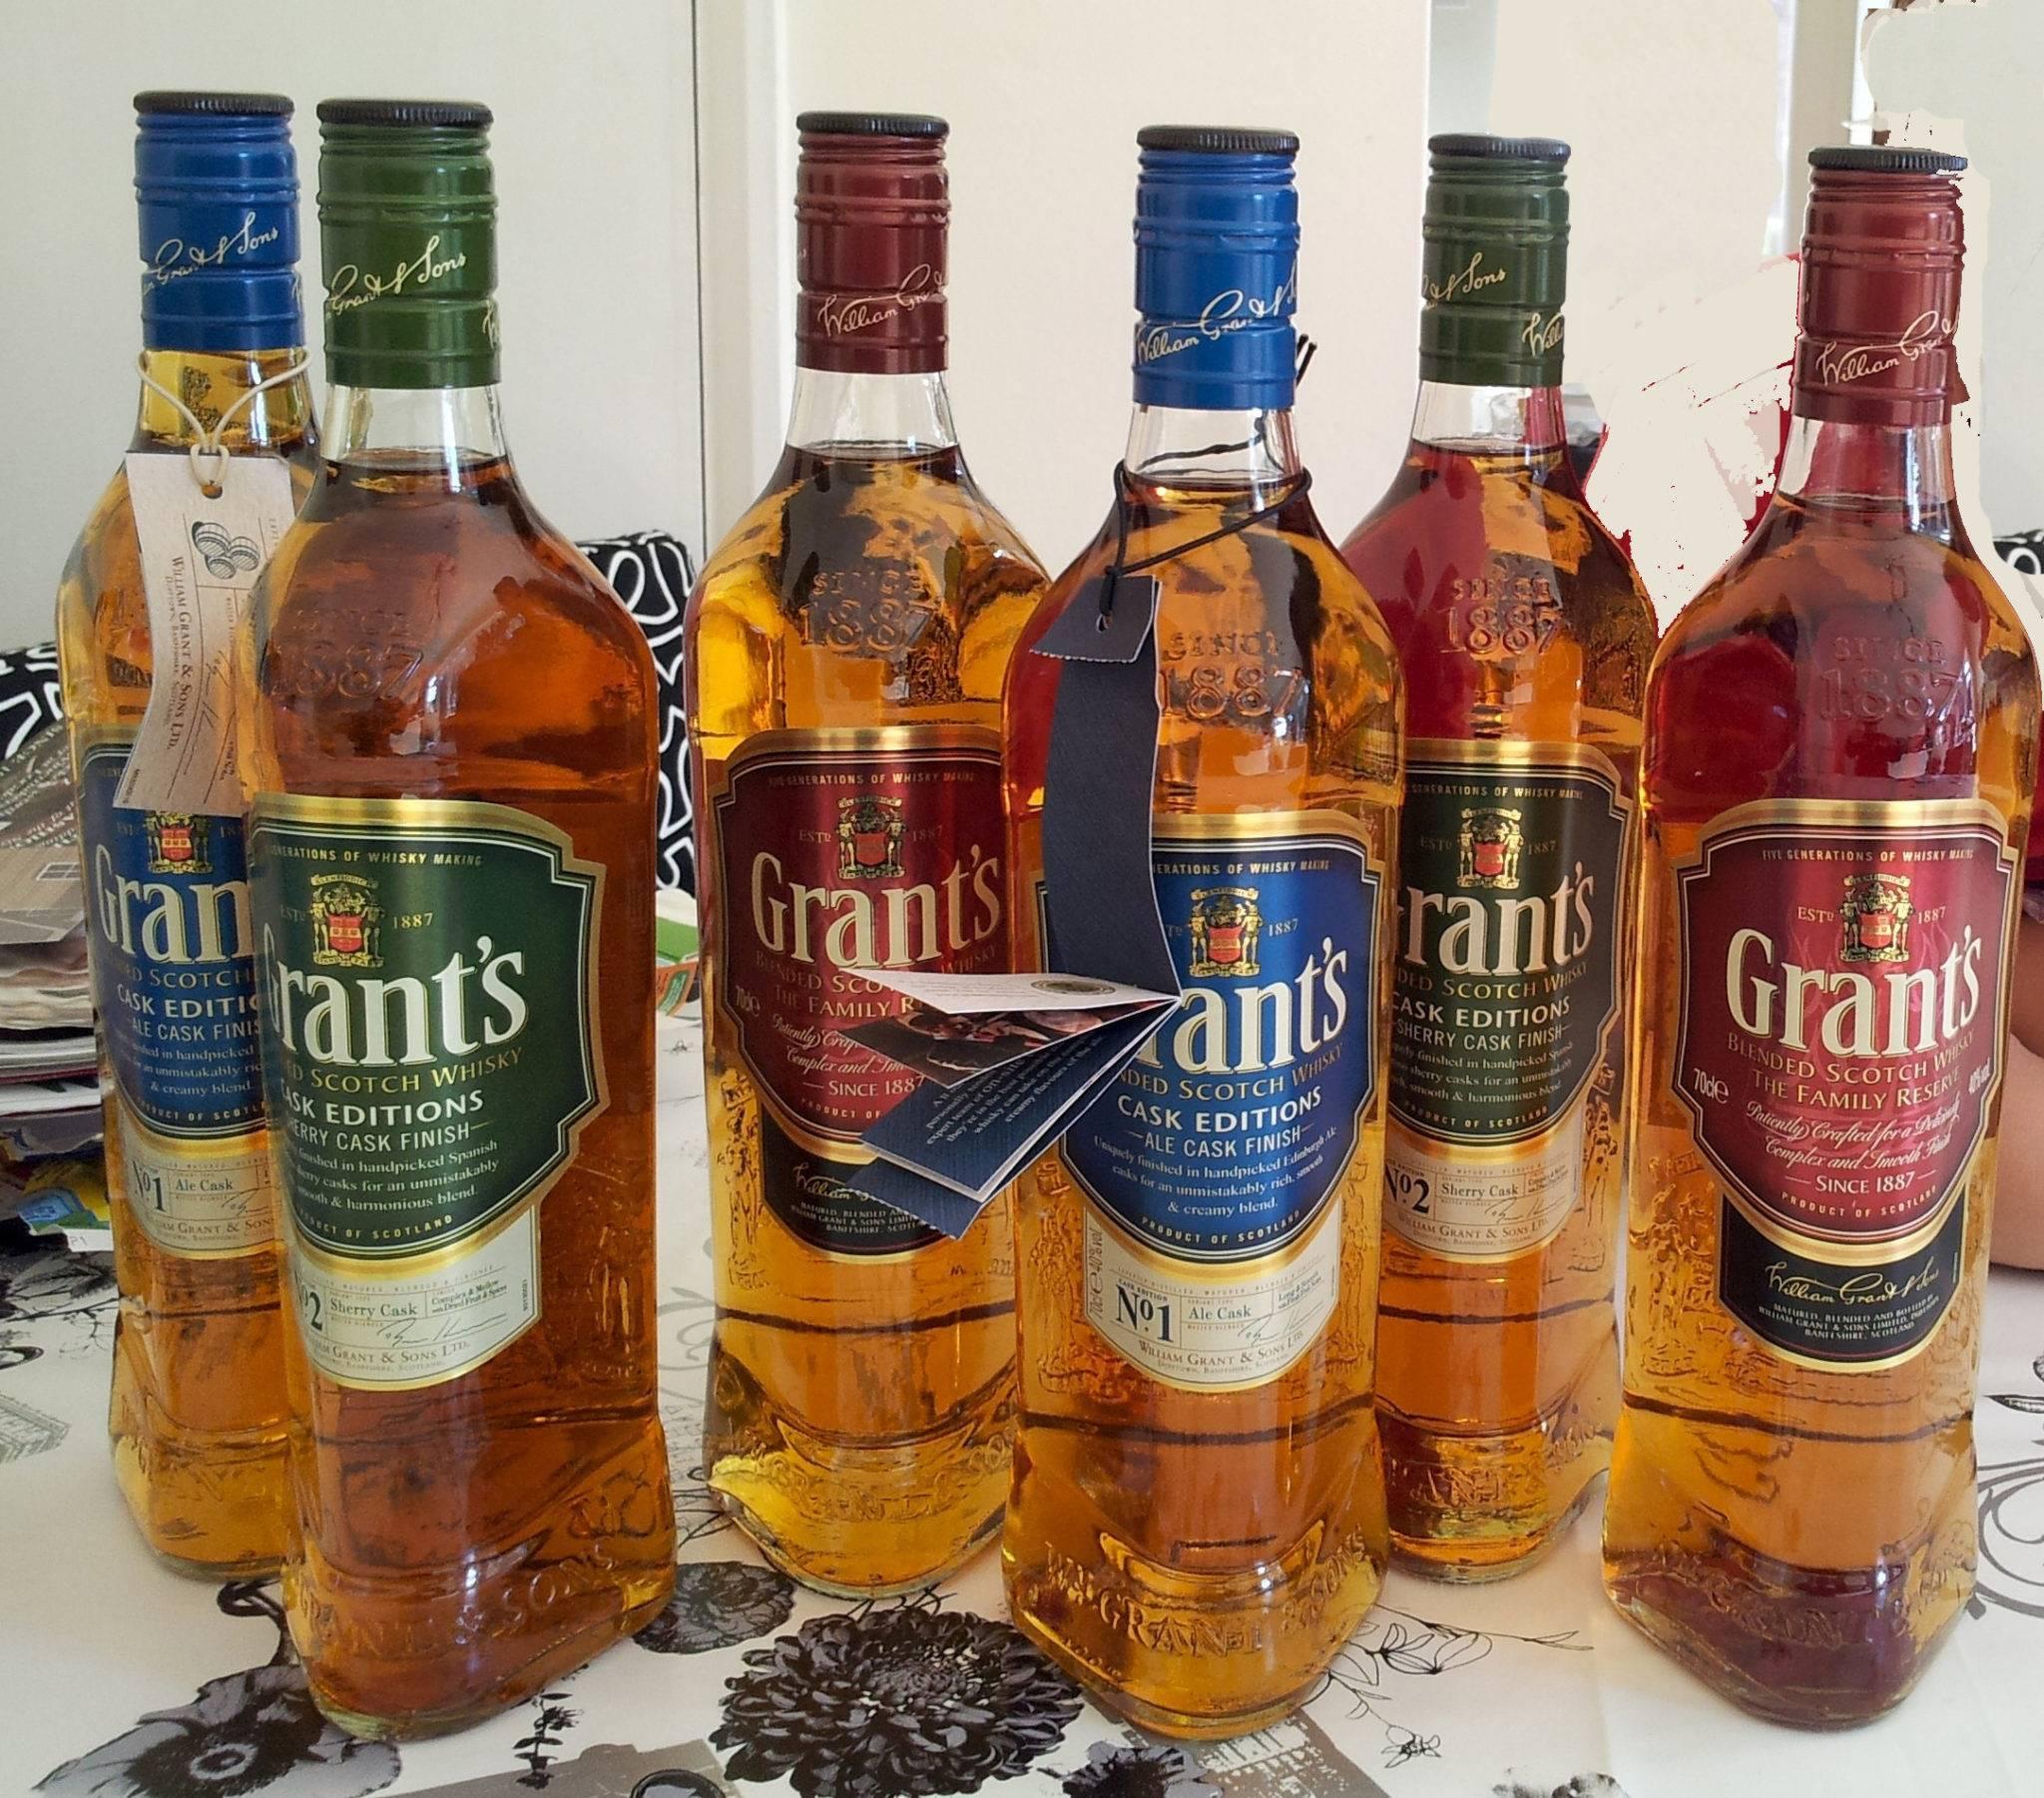 Виски grants: описание шотландского grant s, производитель, особенности изготовления, разновидности напитка